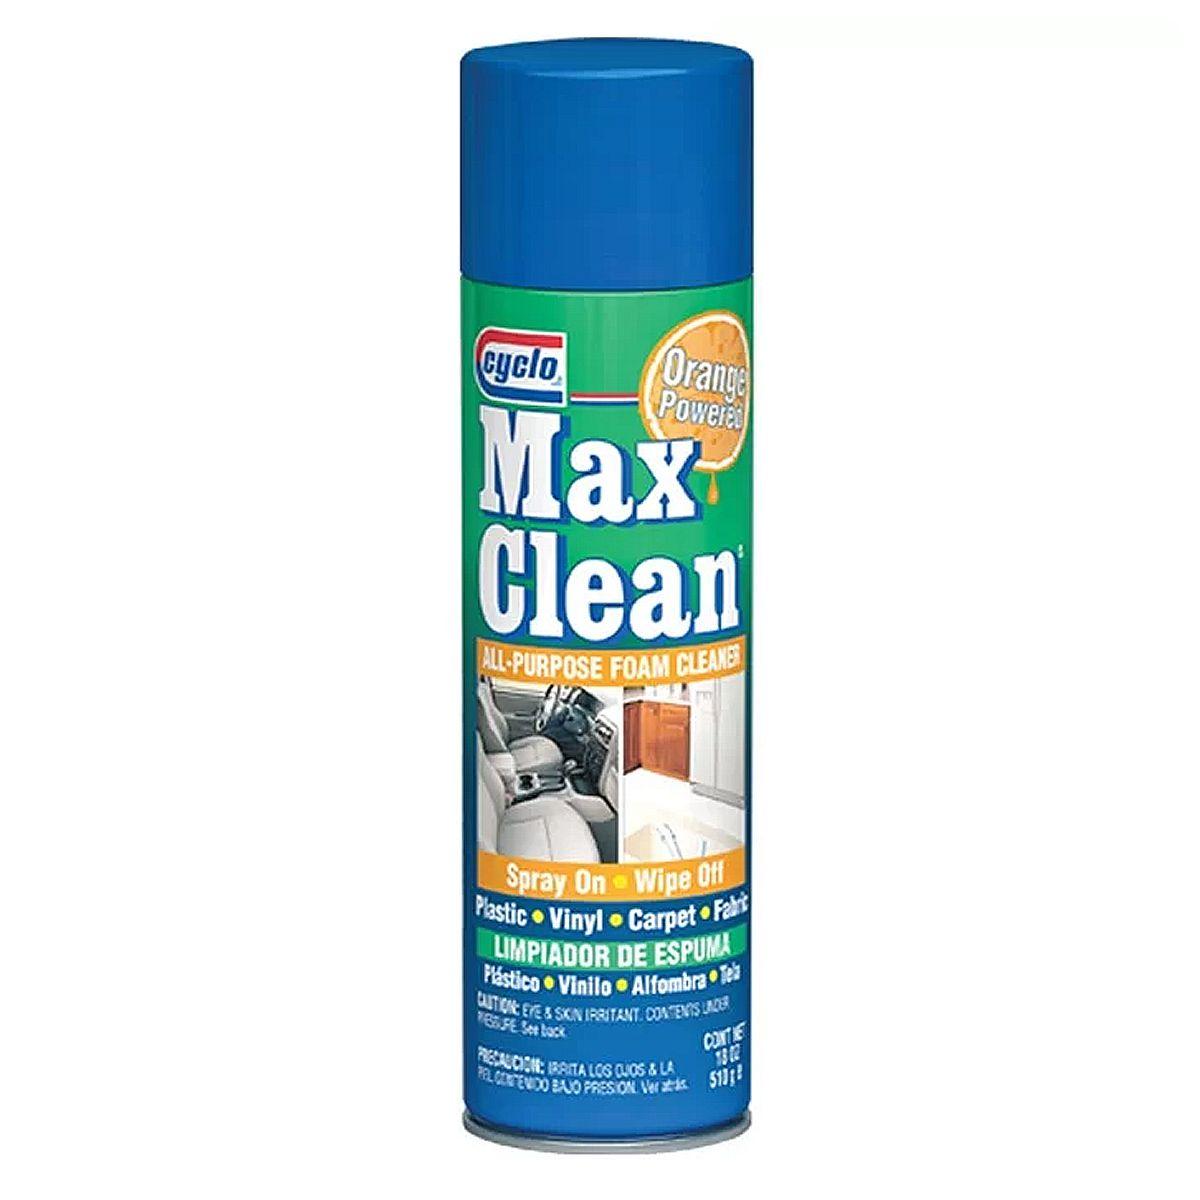 Max Clean All Purpose Foam Cleaner Espuma Limpadora de Superfícies Cyclo